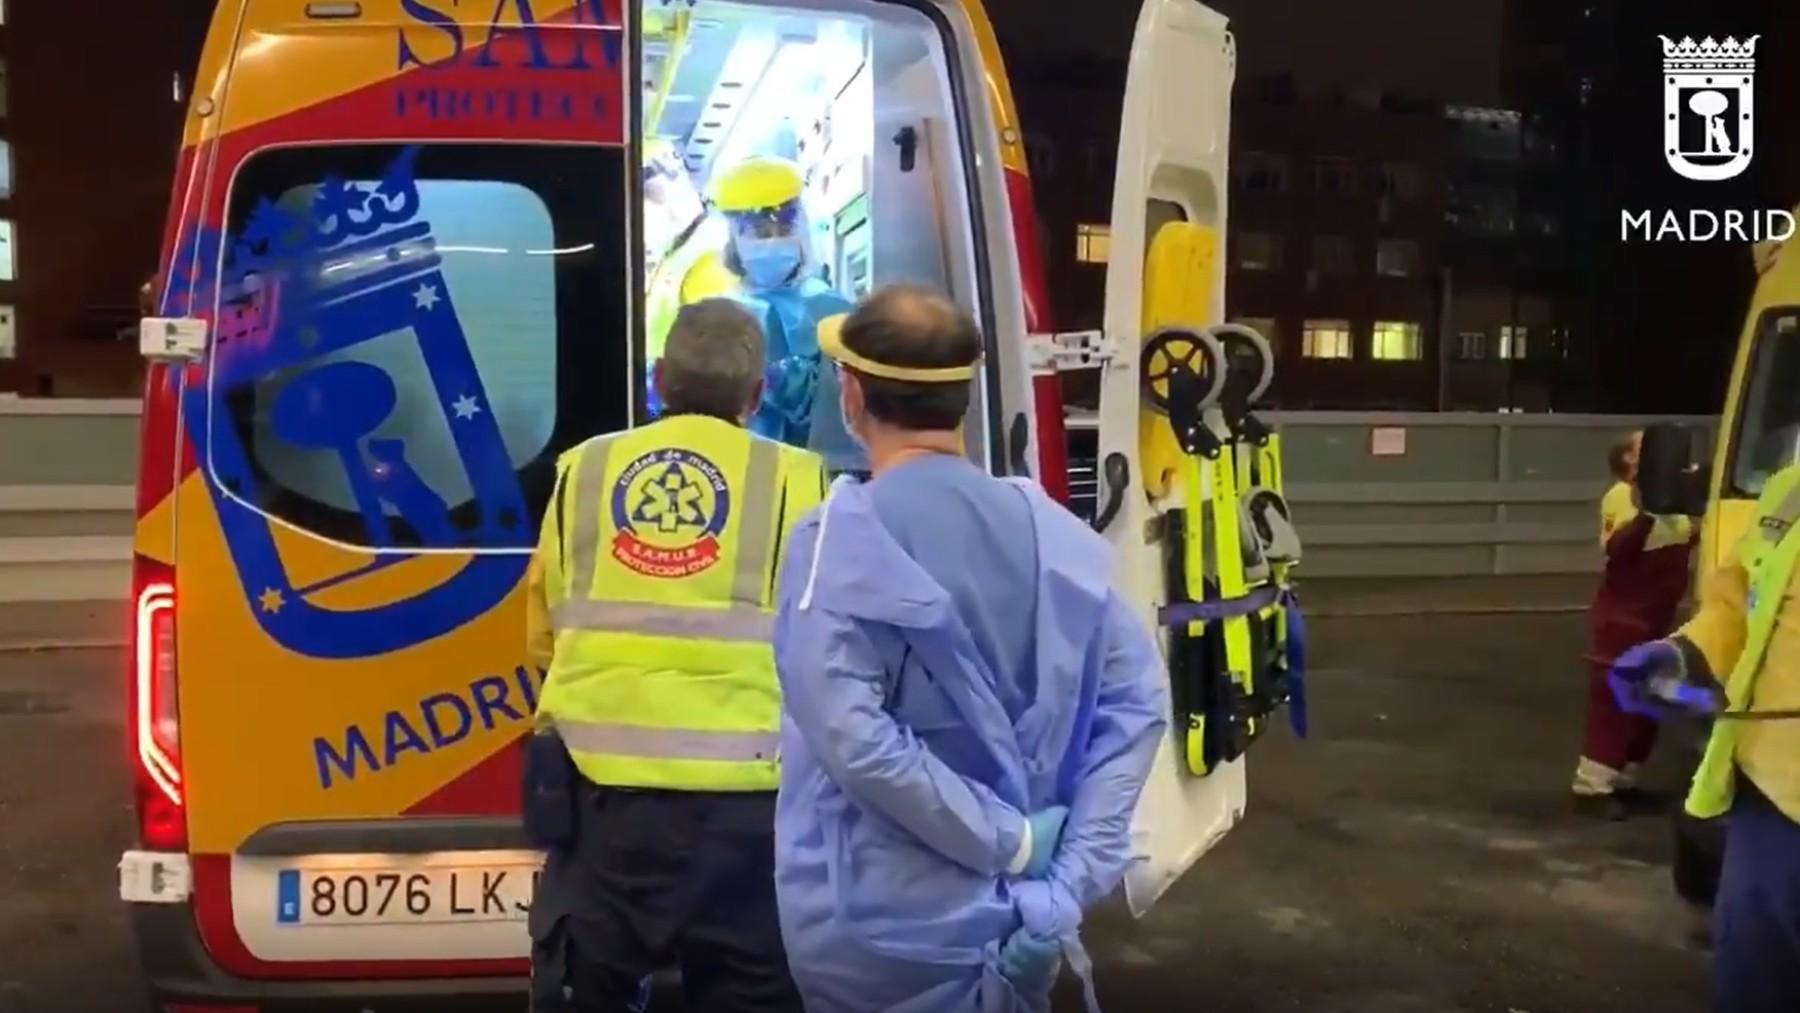 Ambulancia del Samur Protección-Civil. Archivo.